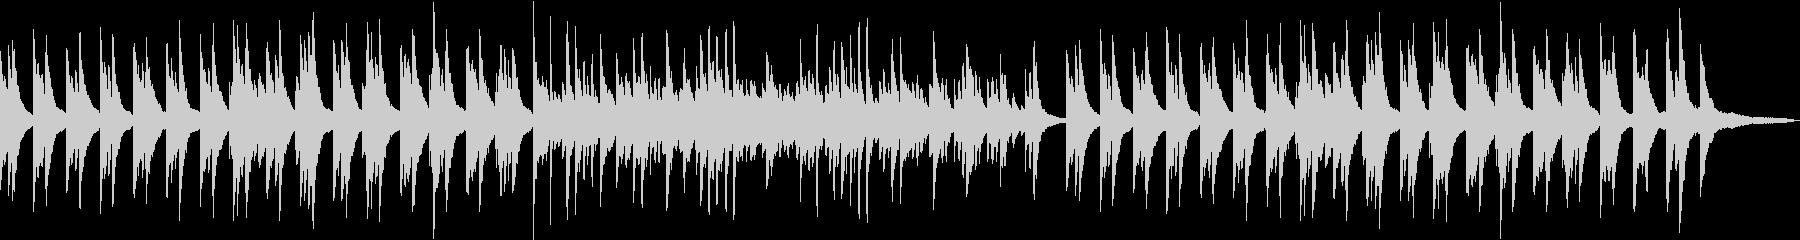 シンプルで明るいピアノソロBGMです。の未再生の波形